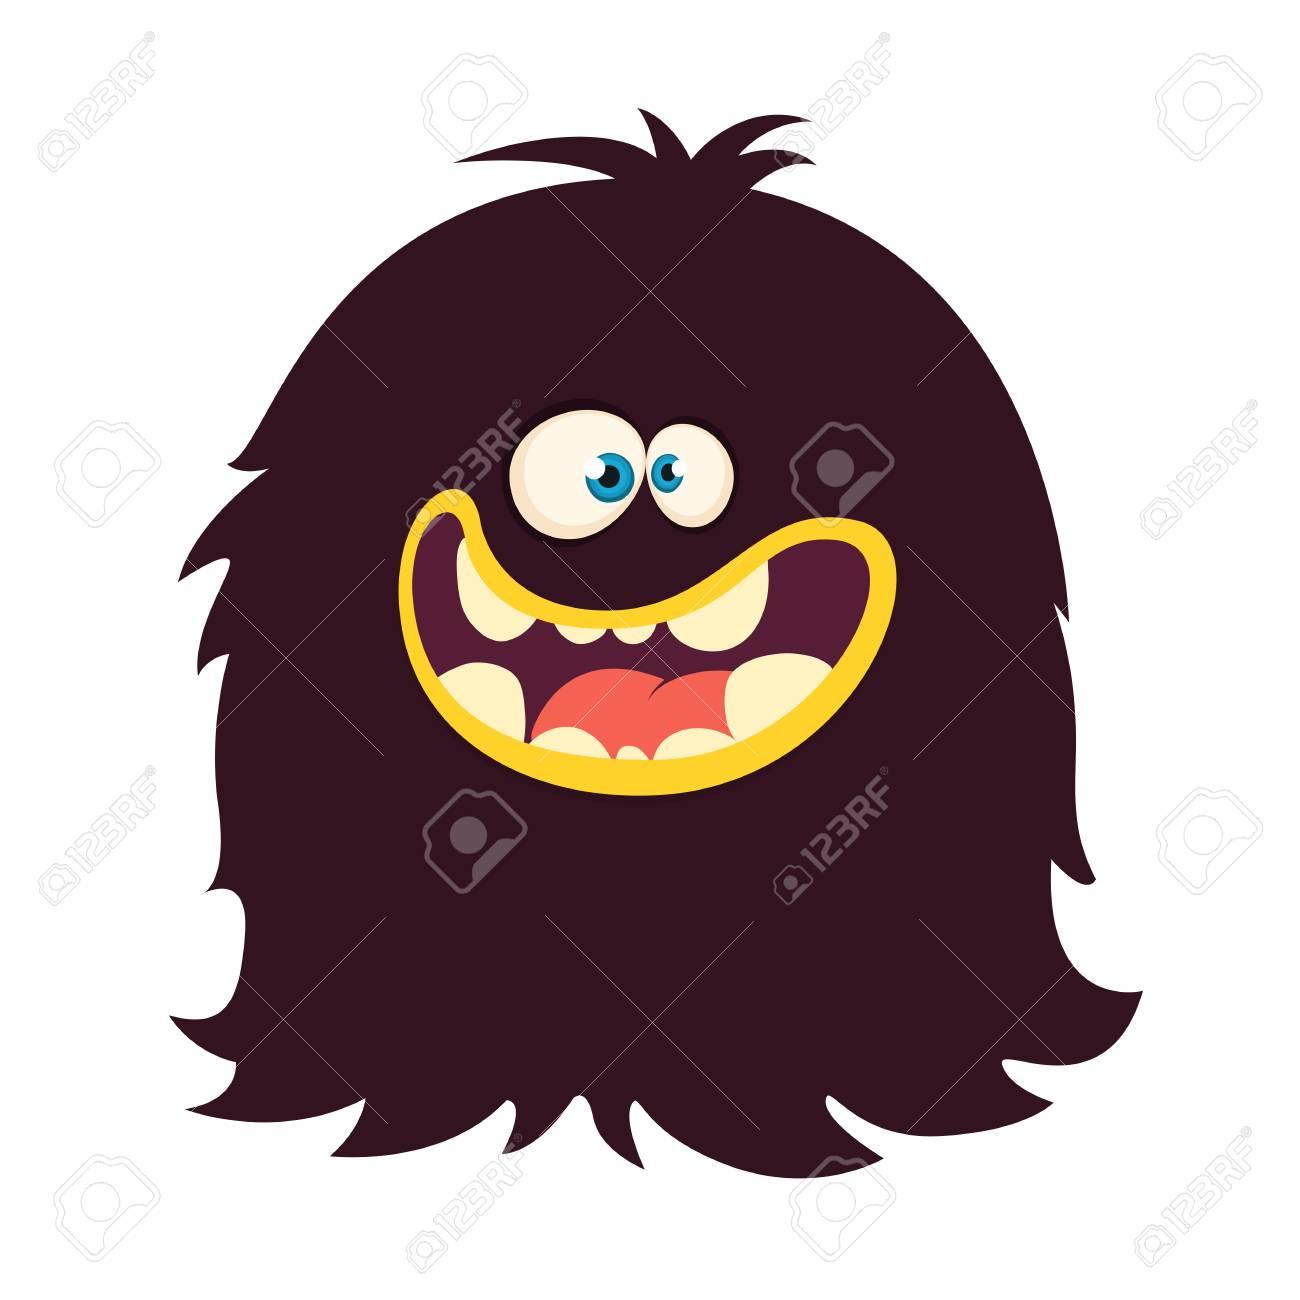 Happy Cartoon Black Monster Vector Halloween Illustration Big Set Of Cartoon Monsters Stock Vector